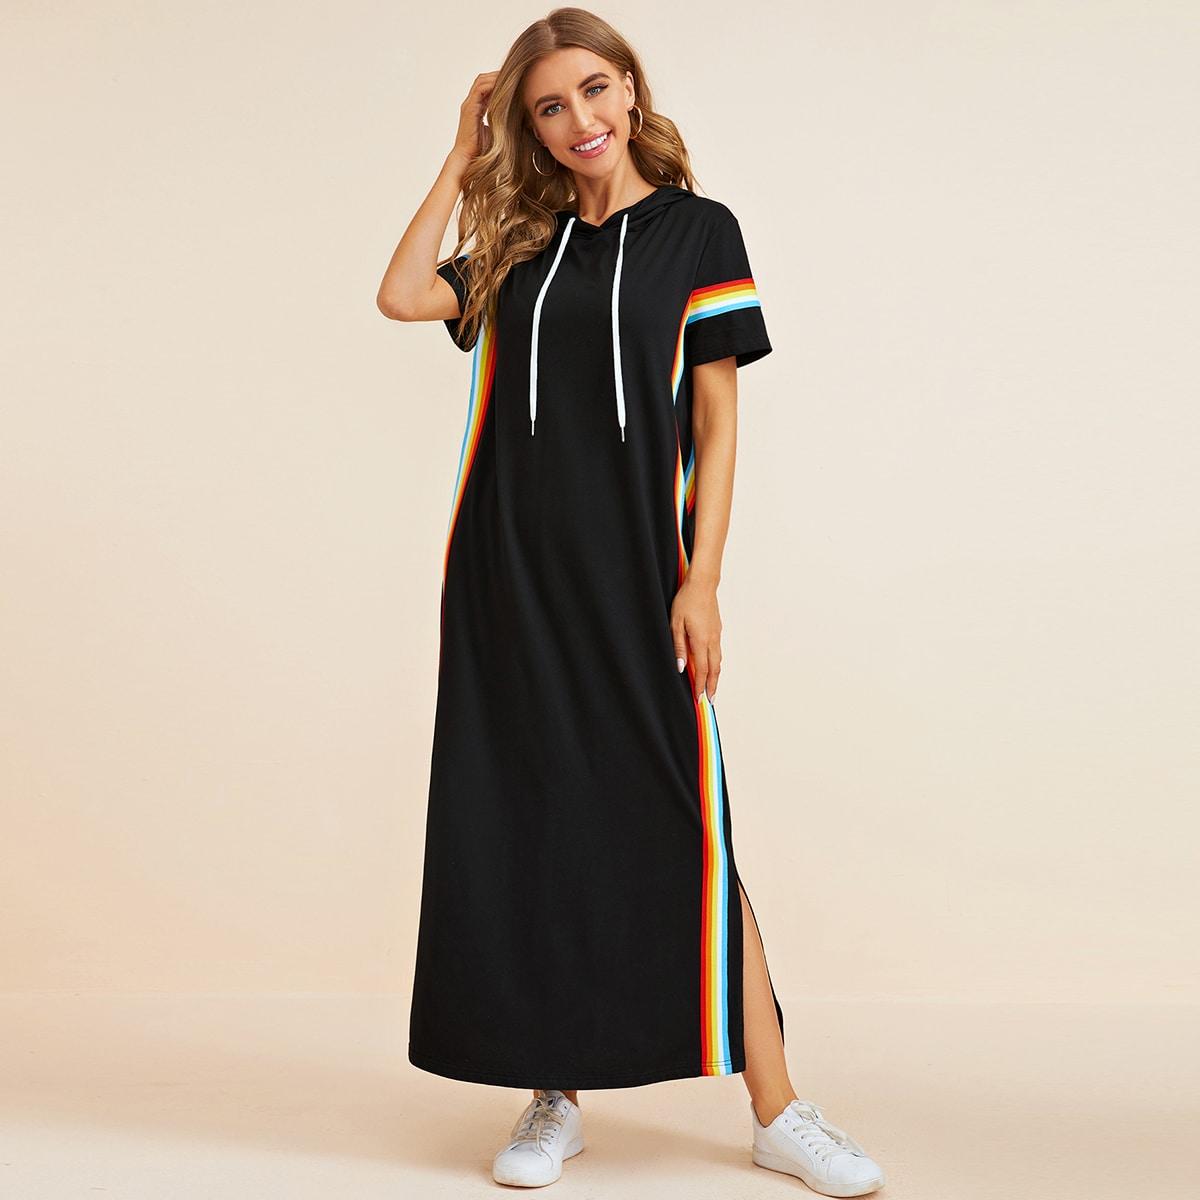 Платье с капюшоном, разрезом и радужной полосатой лентой фото